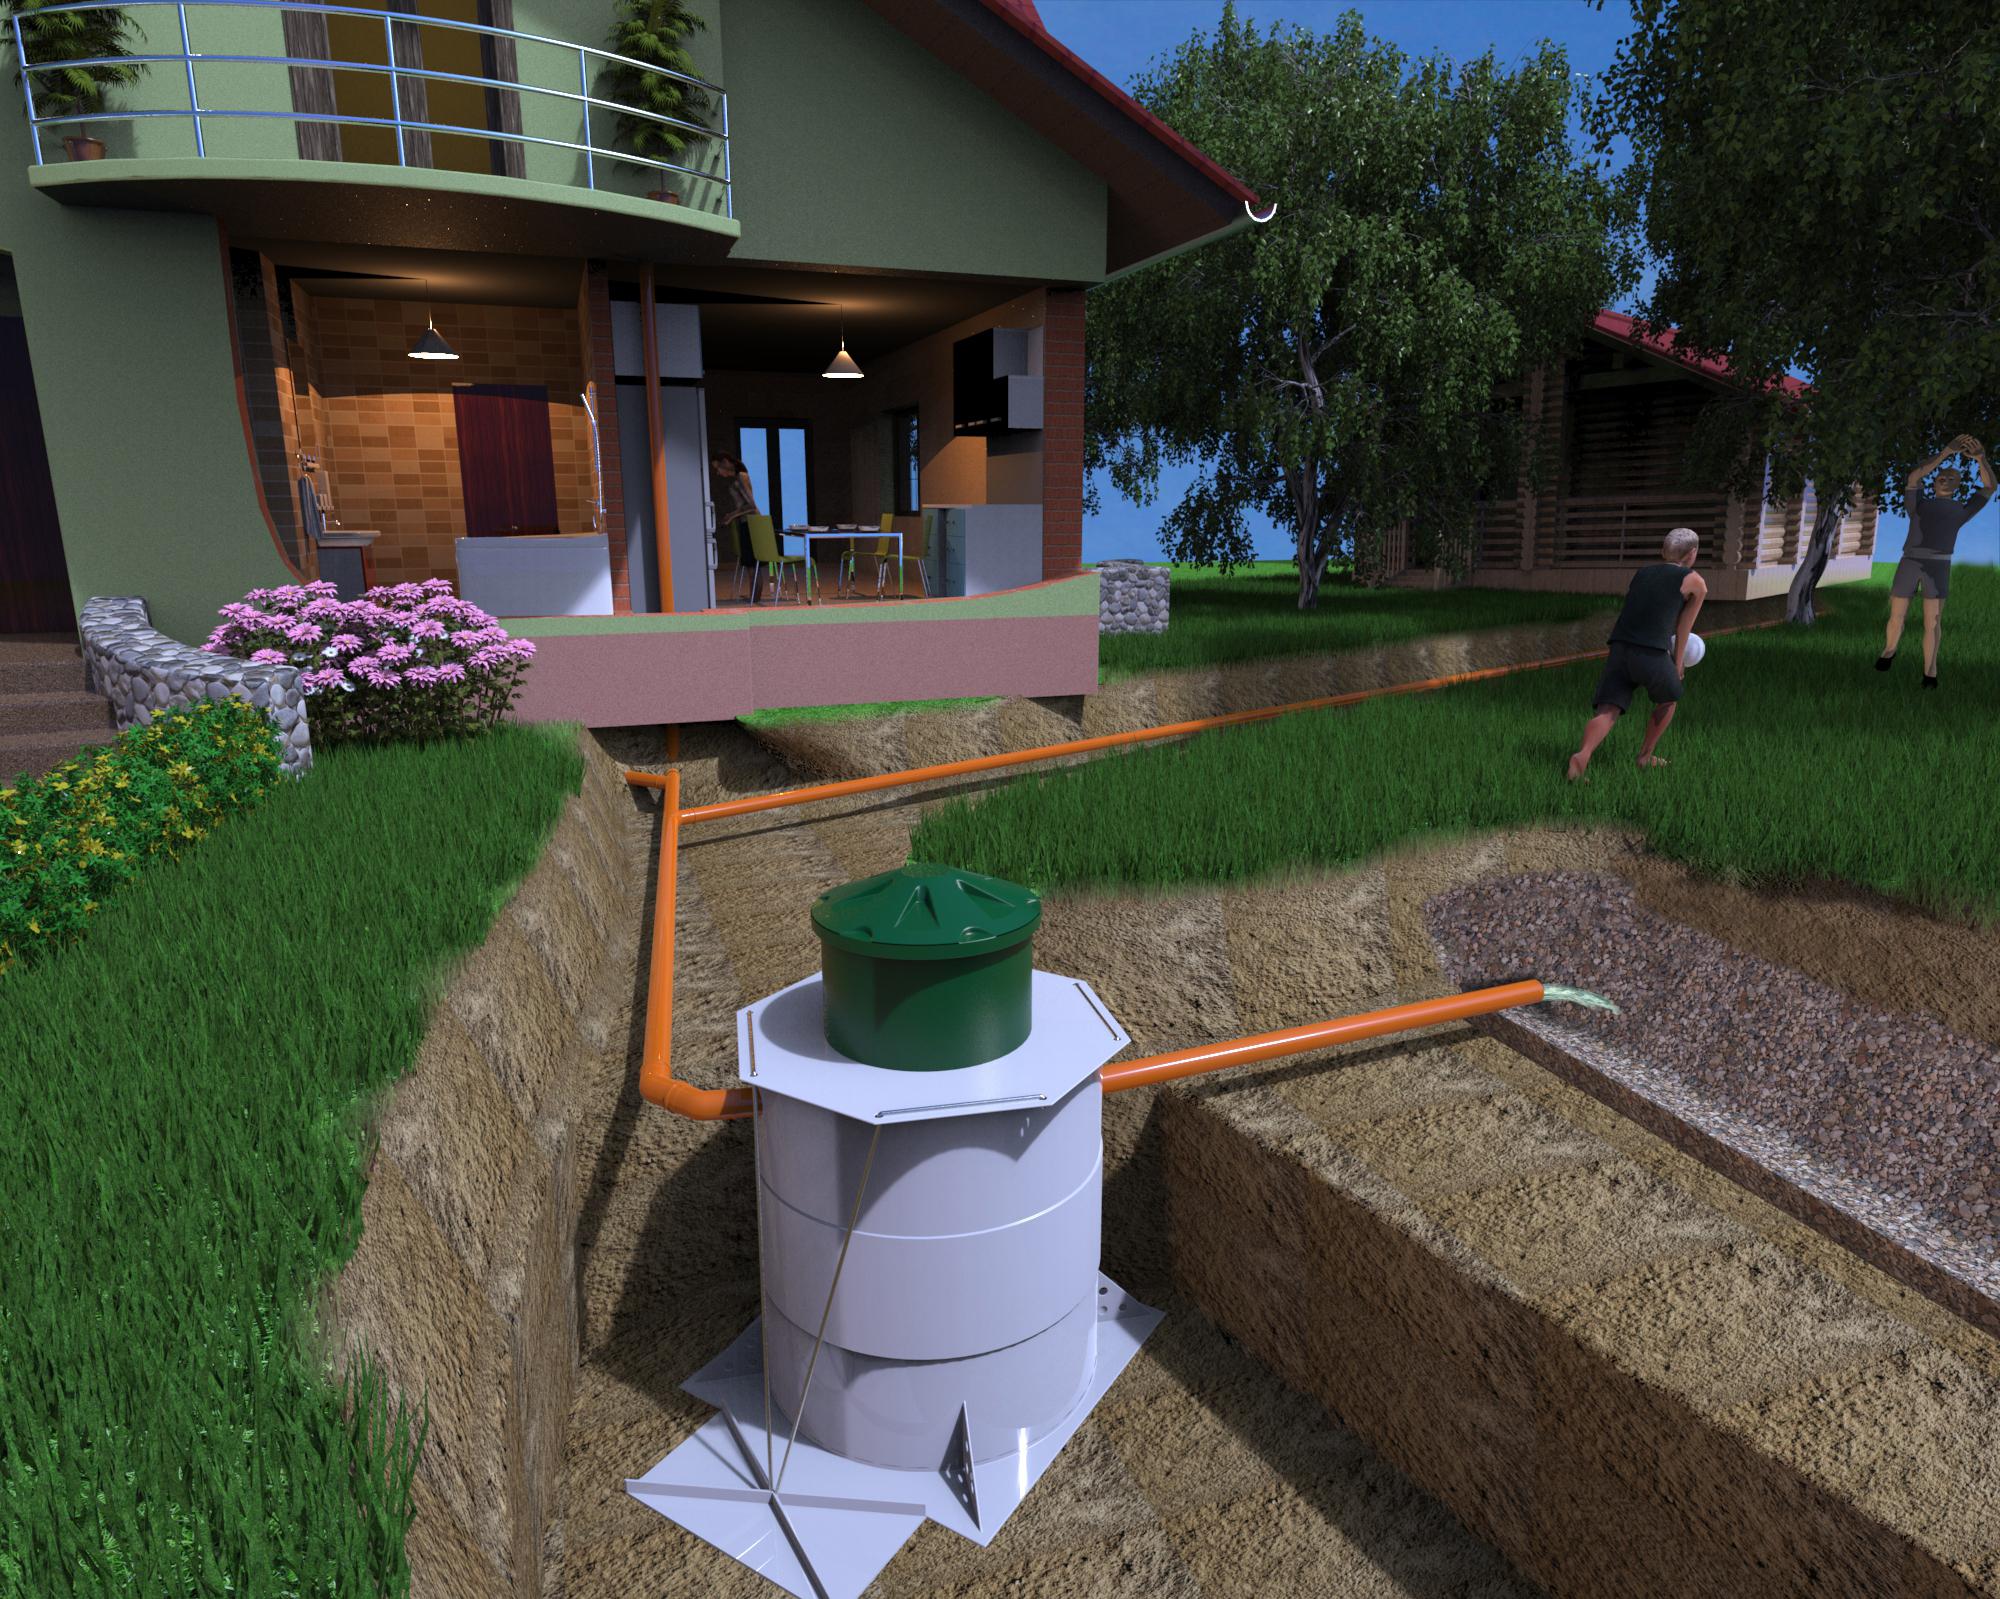 Станция глубокой биомеханической очистки хозяйственно-бытовых сточных вод Kolo Vesi 5 (Финляндия)